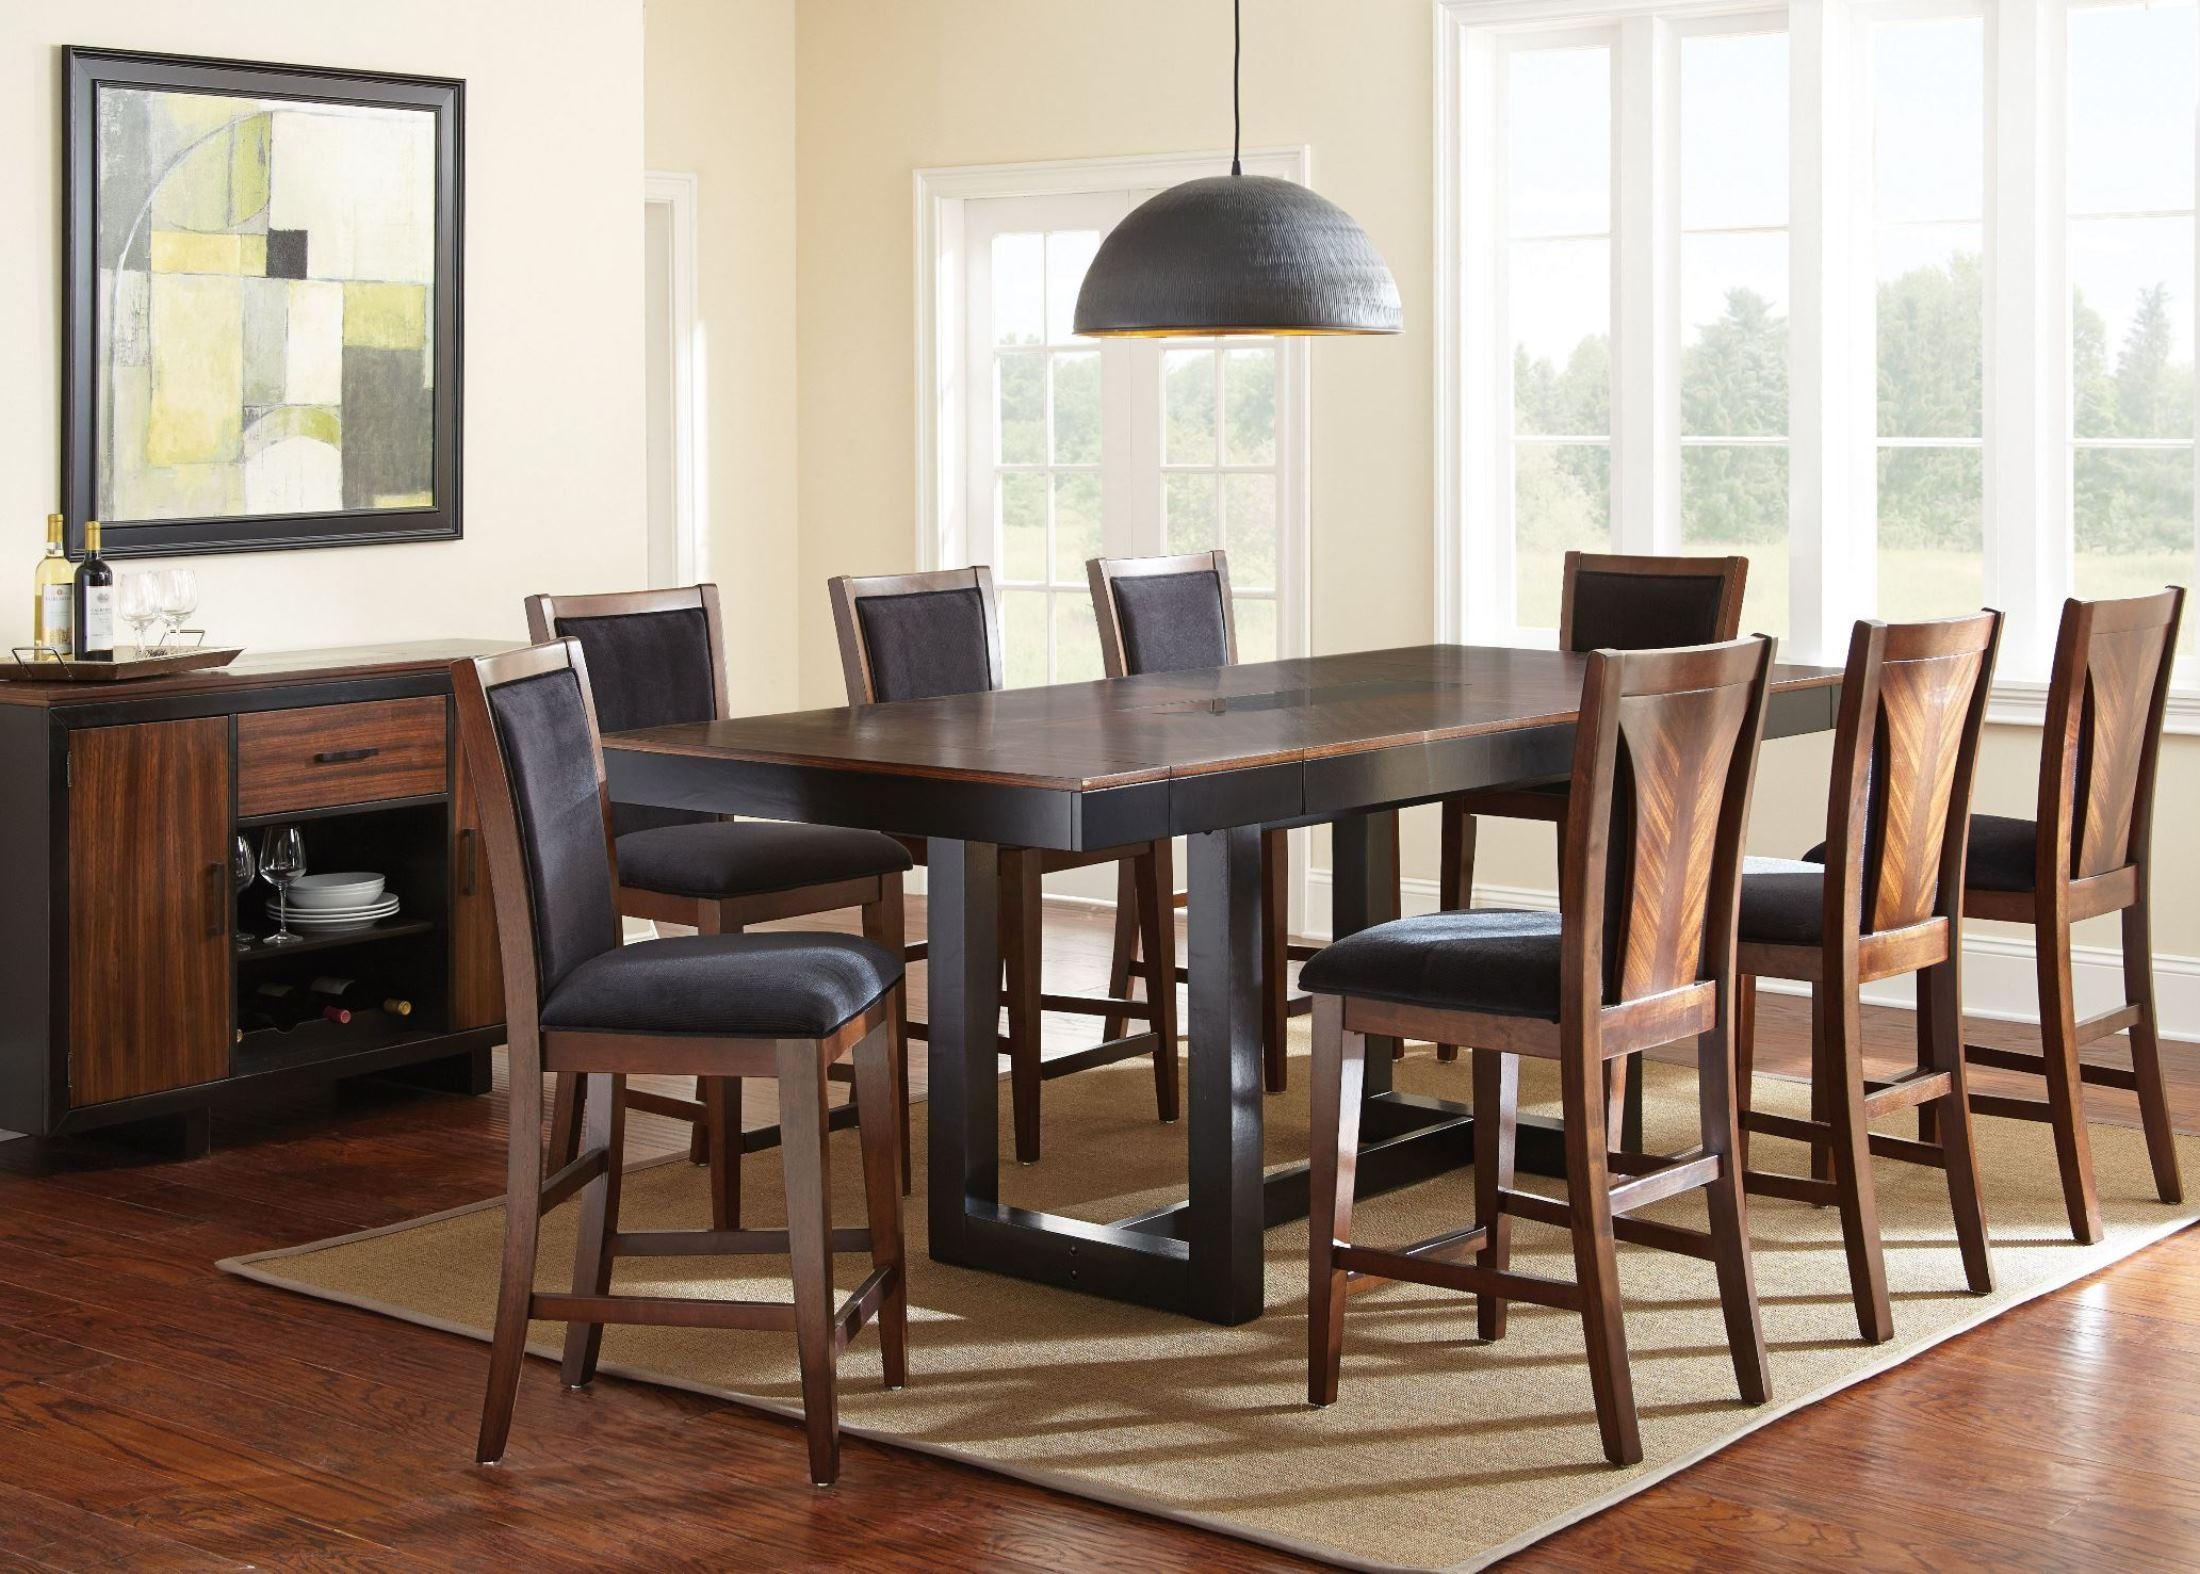 julian dining room furniture 28 images amazing dining  : jn700ptjn700pbjn700ccjn700sv1 from www.thelionsfanatics.com size 2200 x 1574 jpeg 595kB